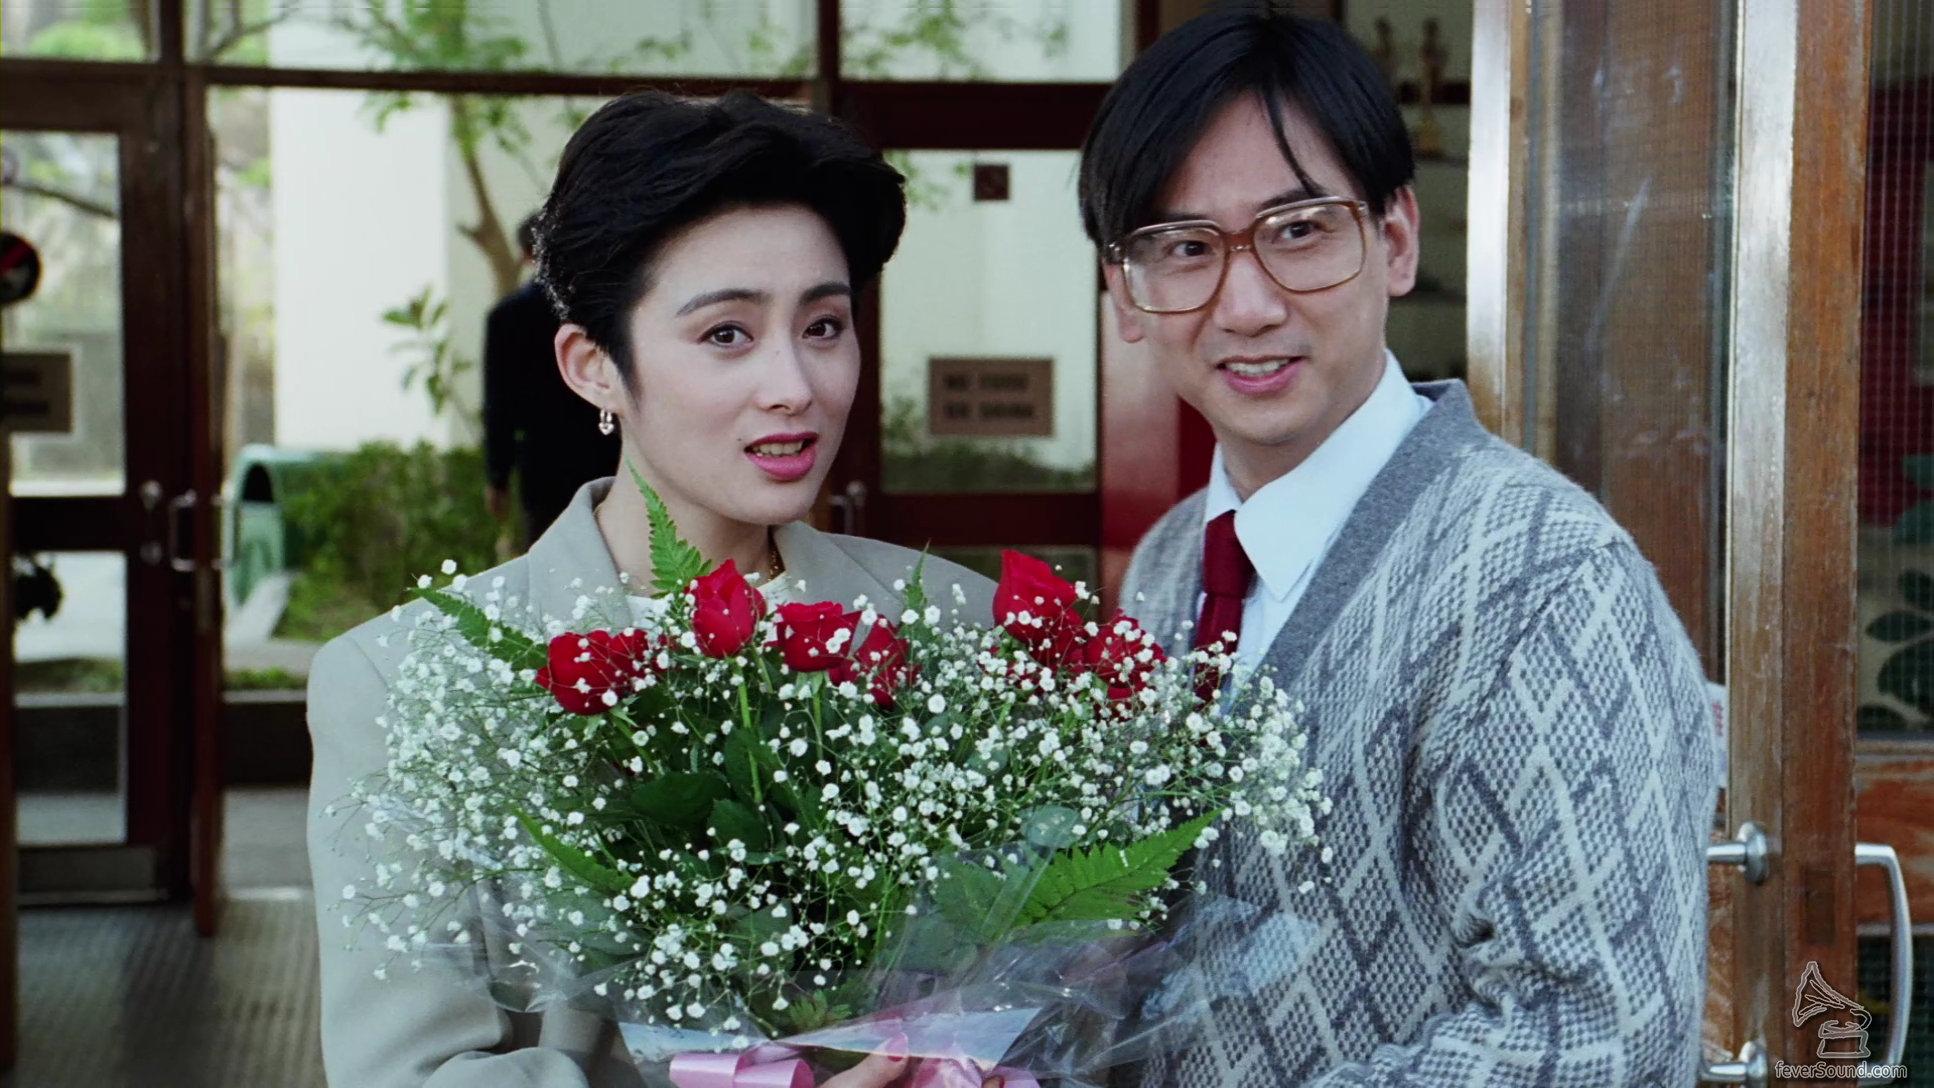 蔣志光(右)飾怕醜老師